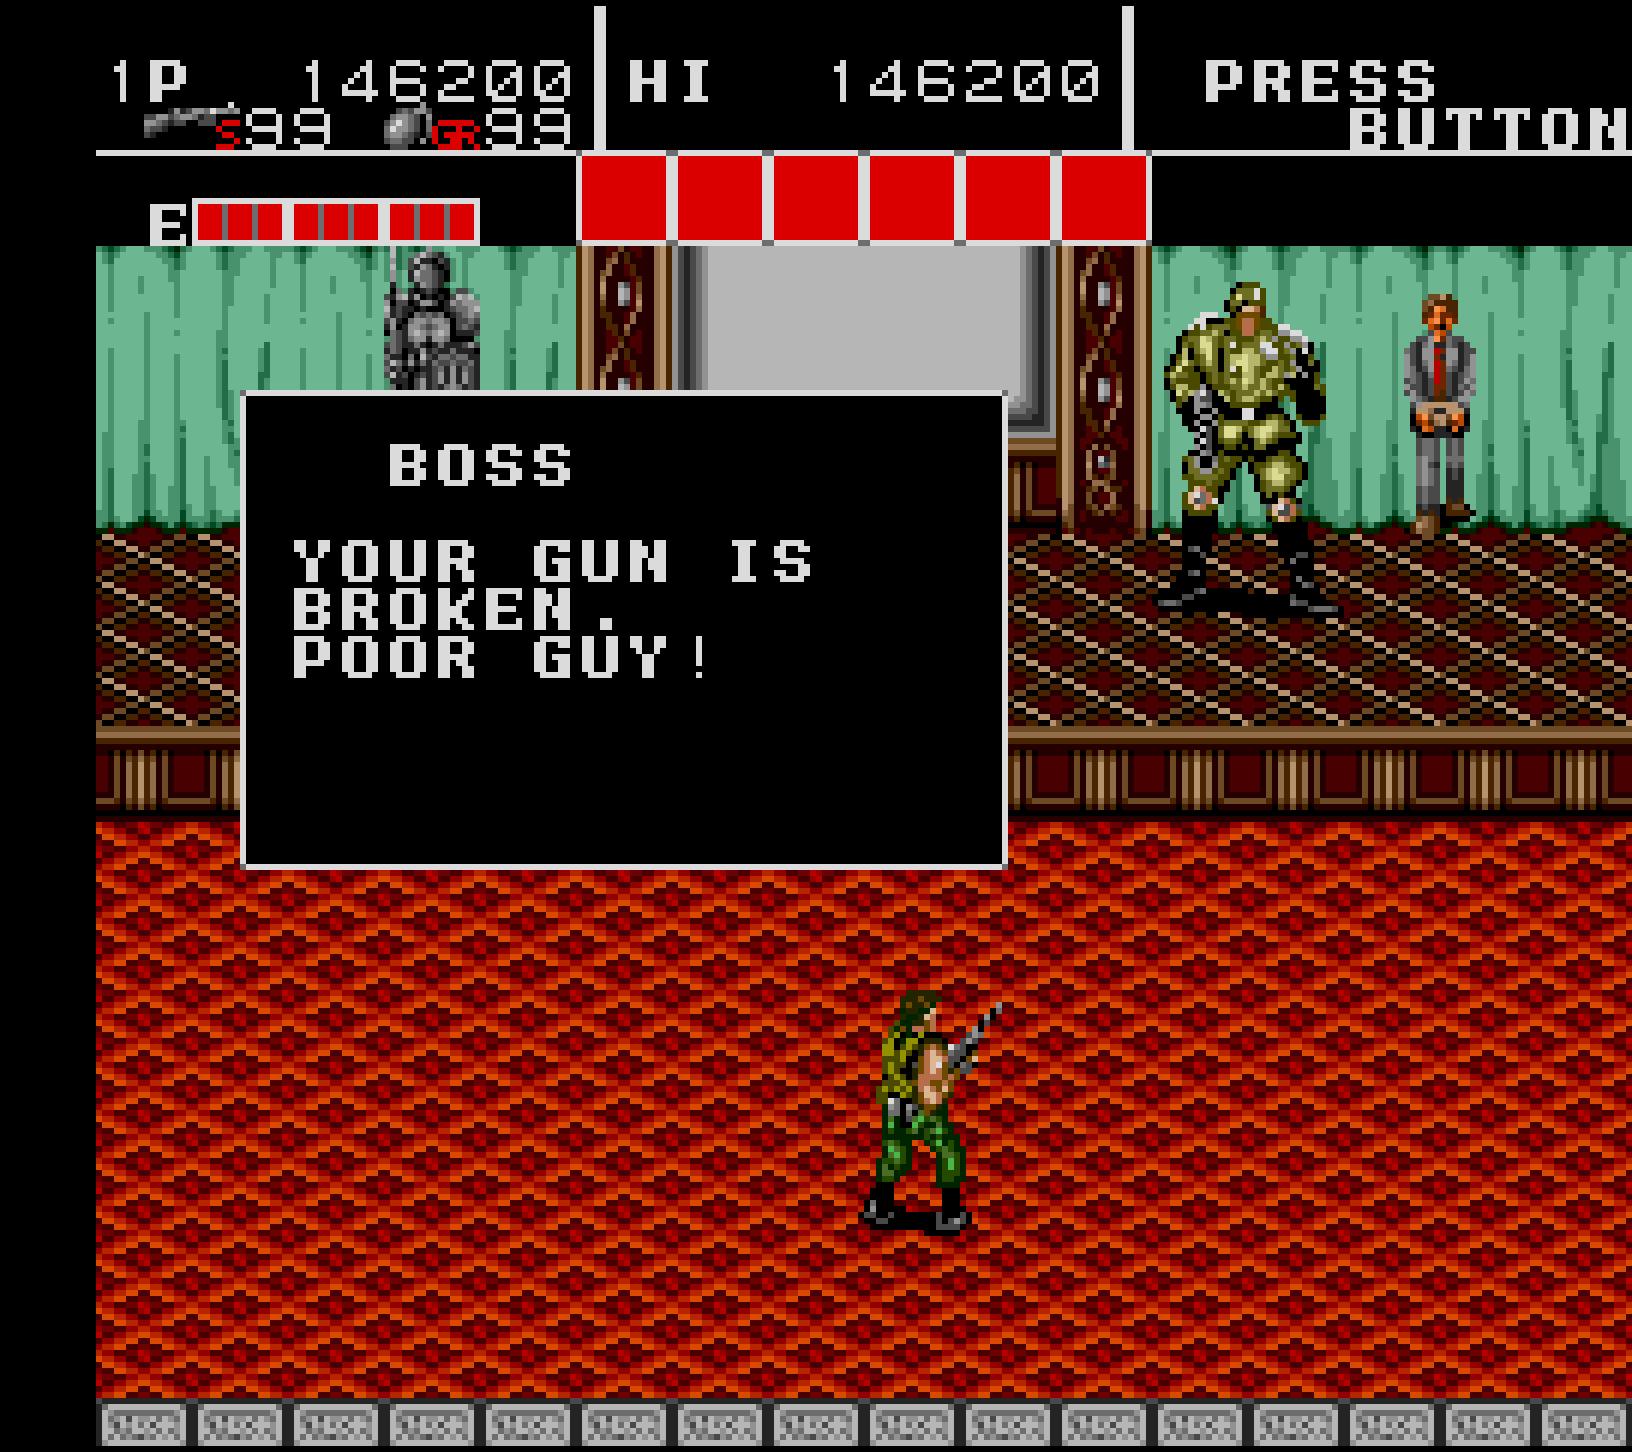 Your gun is broken. Poor guy!